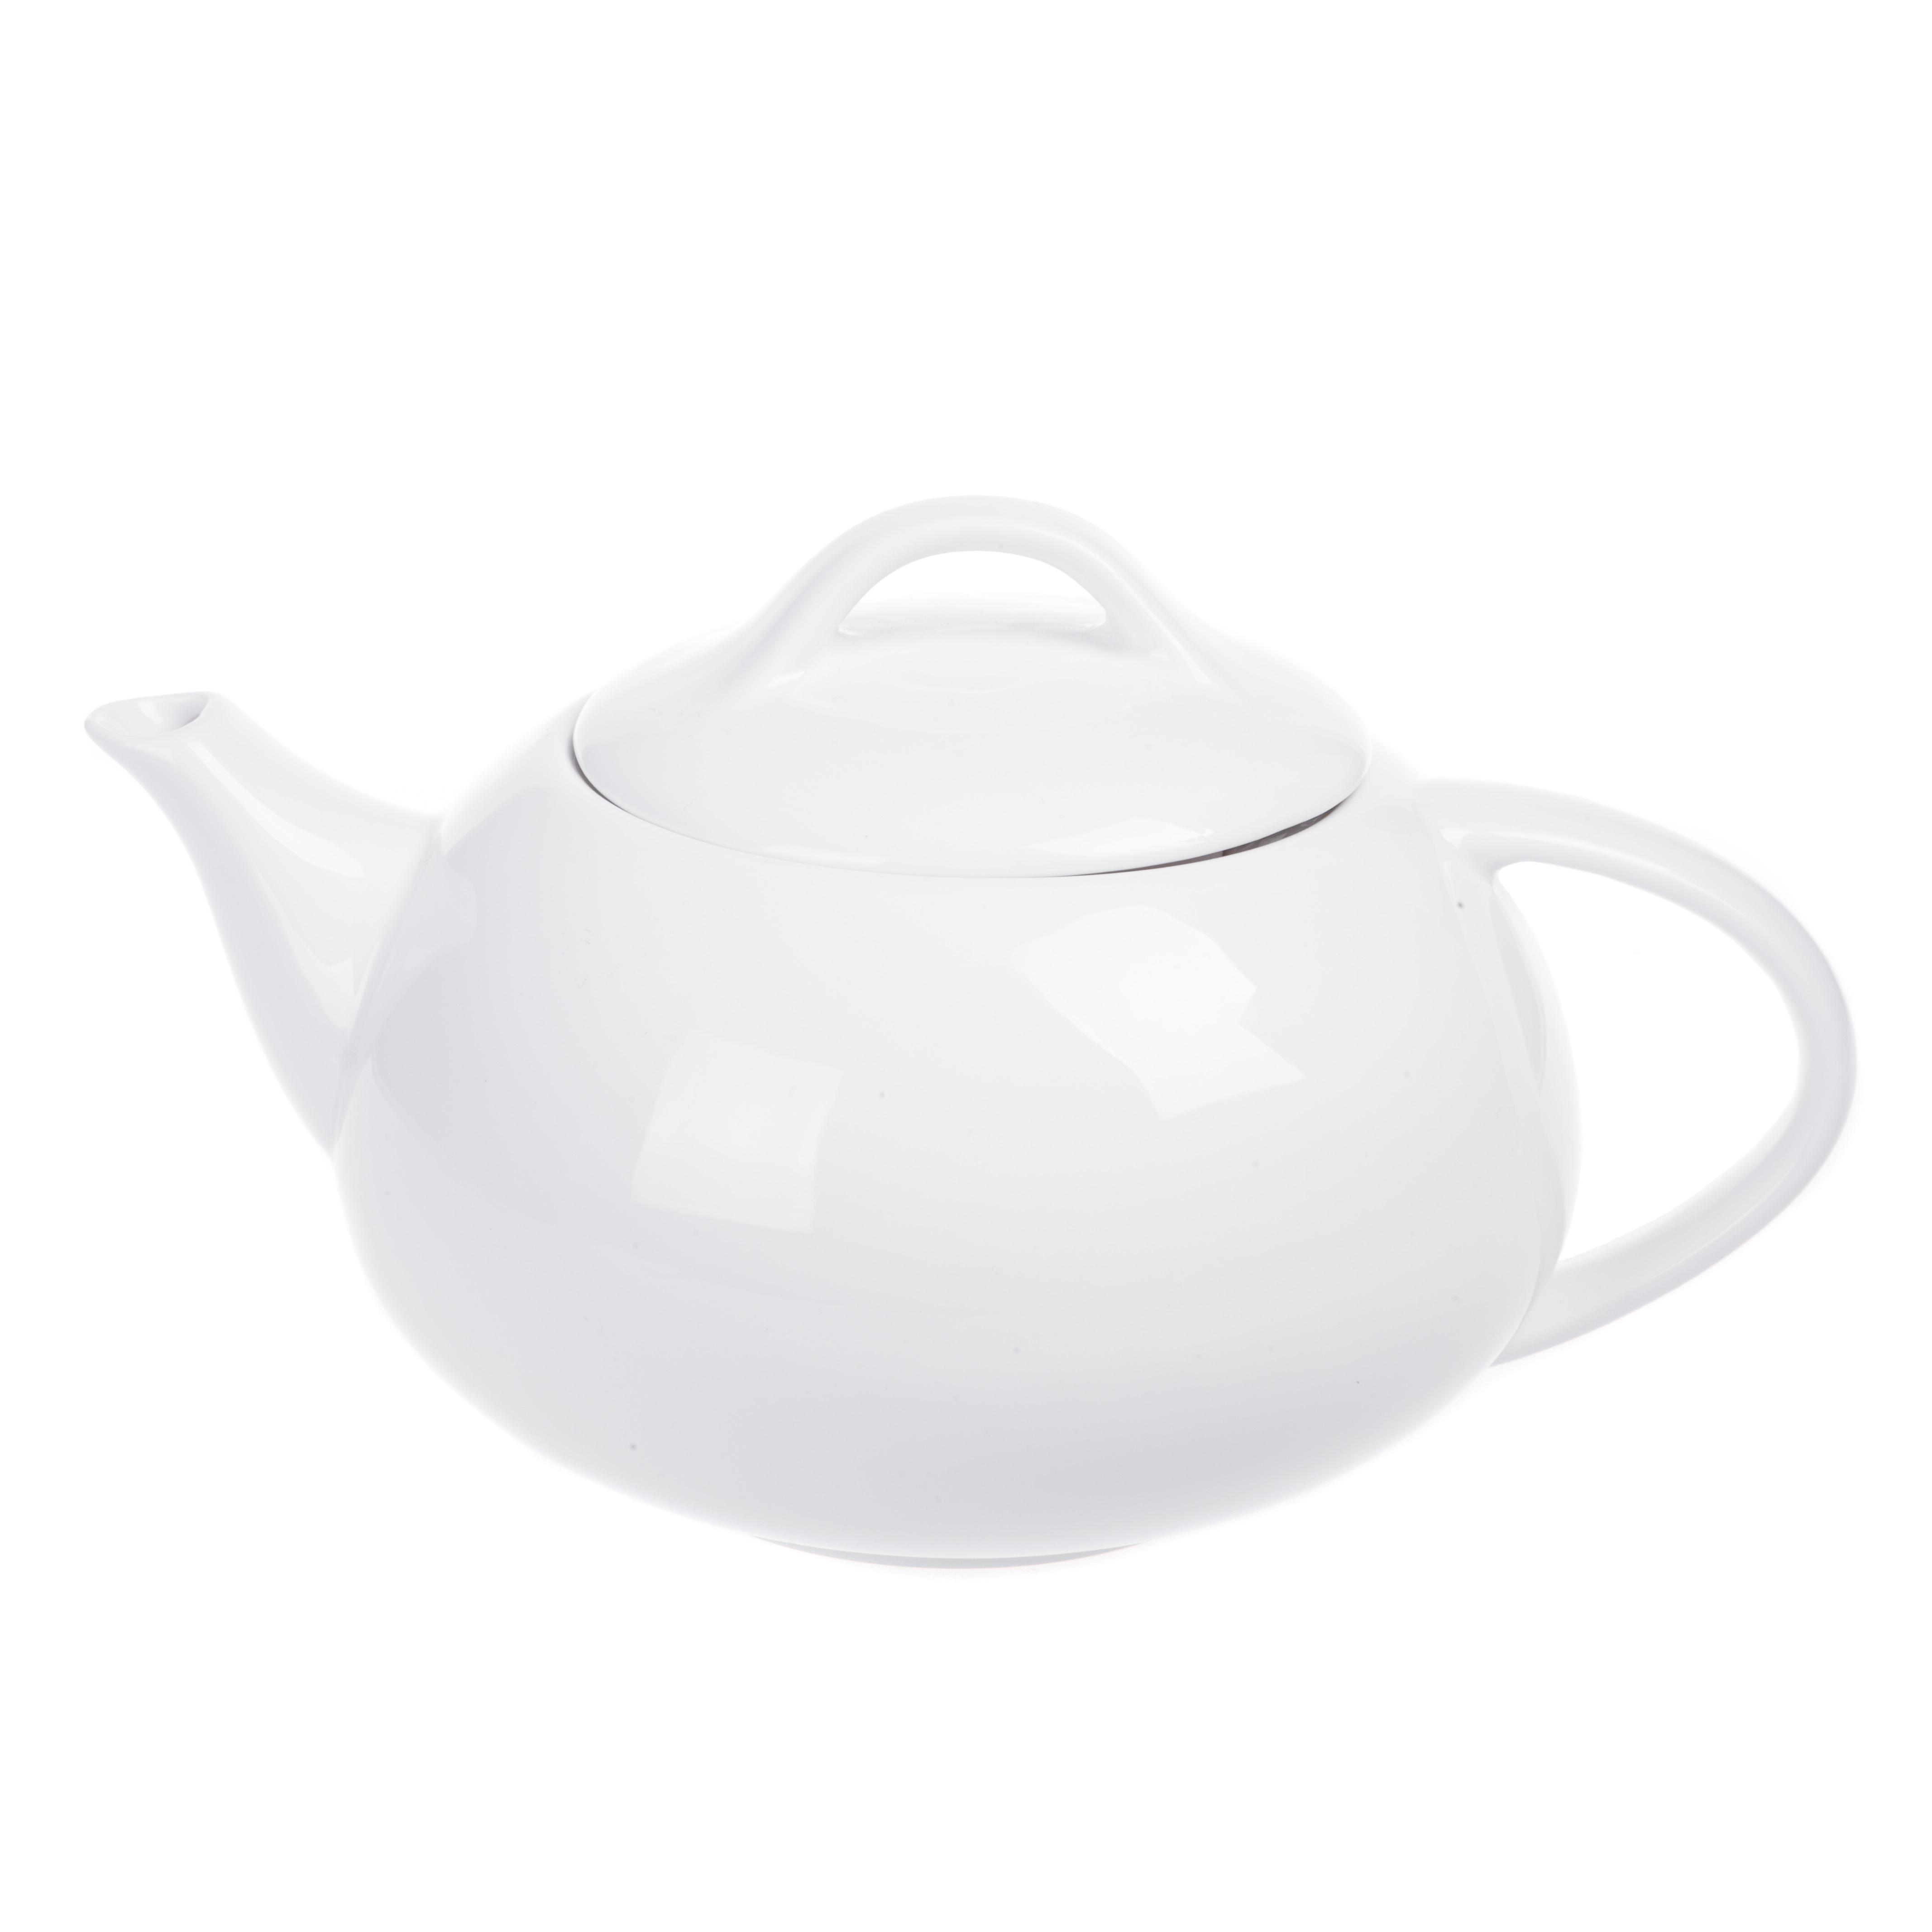 Чайник заварочный 900 мл Tudor TU1983 rainstahl заварочный чайник 7201 90 rs tp 900 мл стальной